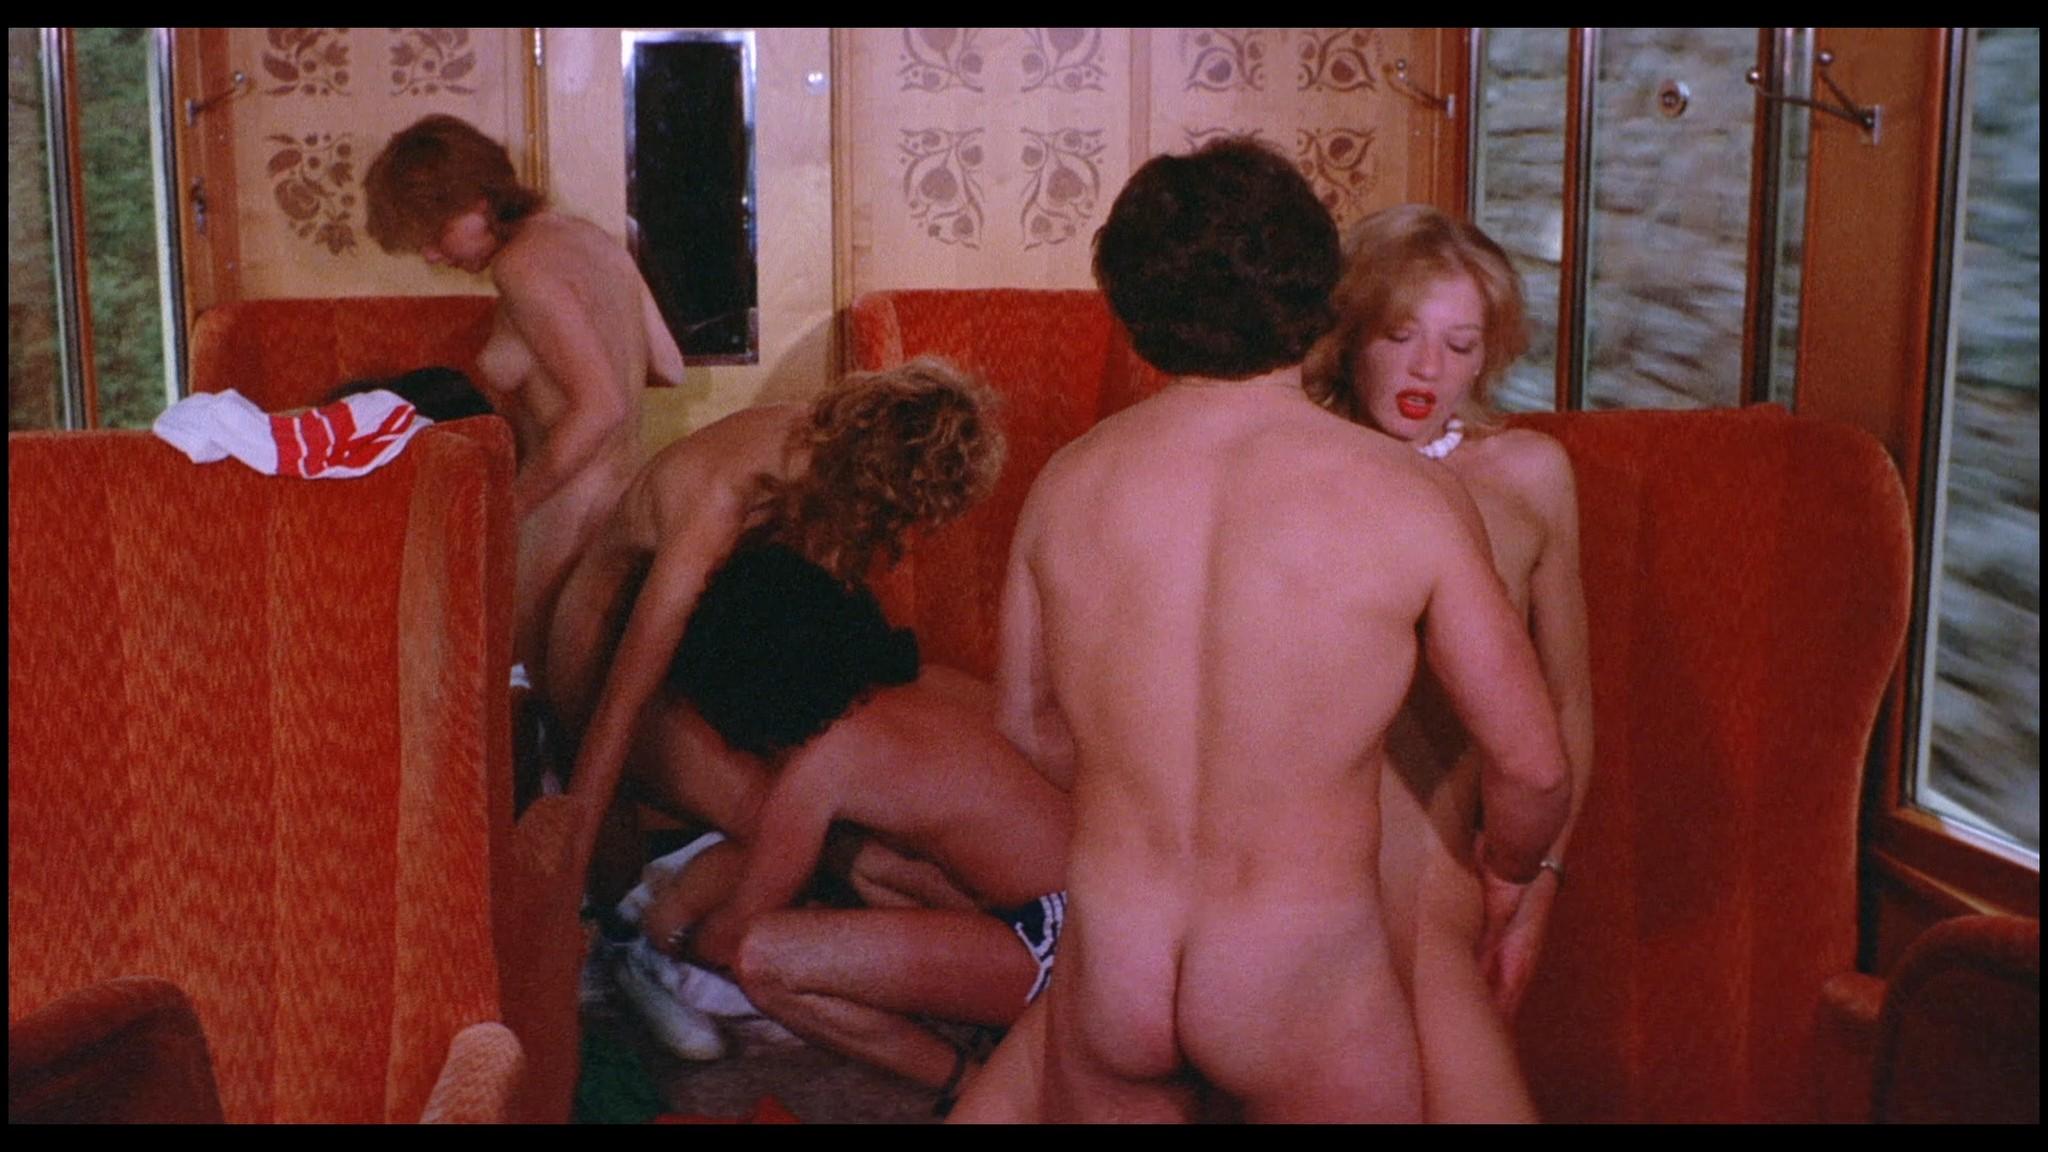 Marianne Aubert Michaela Larsen etc nude explicit sex Sechs Schwedinnen auf der Alm 1983 1080p BluRay 5